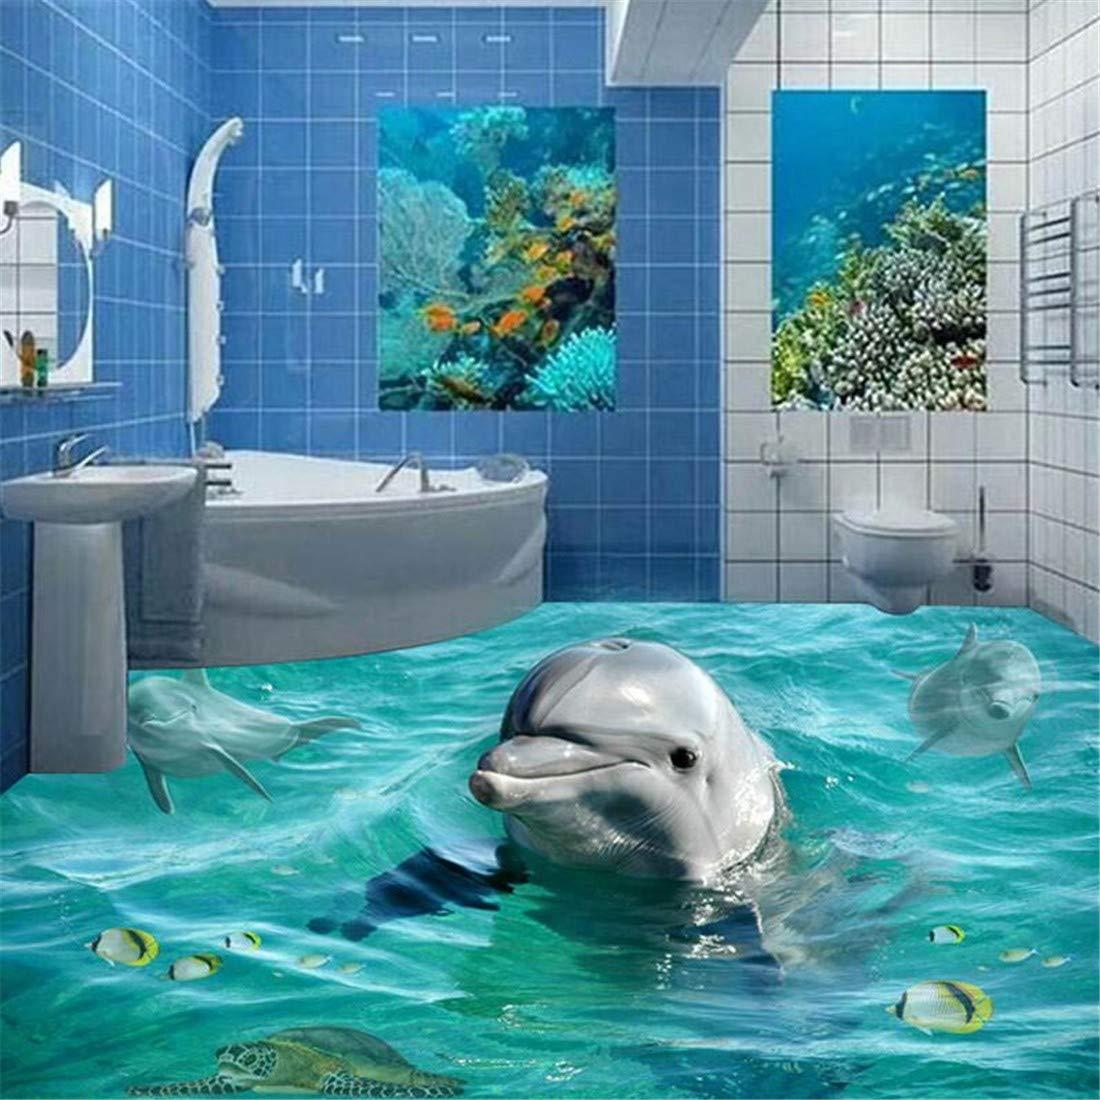 Benutzerdefinierte Foto Boden Tapete 3D Nette Delphin Unterwasserwelt Wohnzimmer Schlafzimmer Badezimmer Boden Wandbild Tapete selbstklebend, 200 * 140 cm